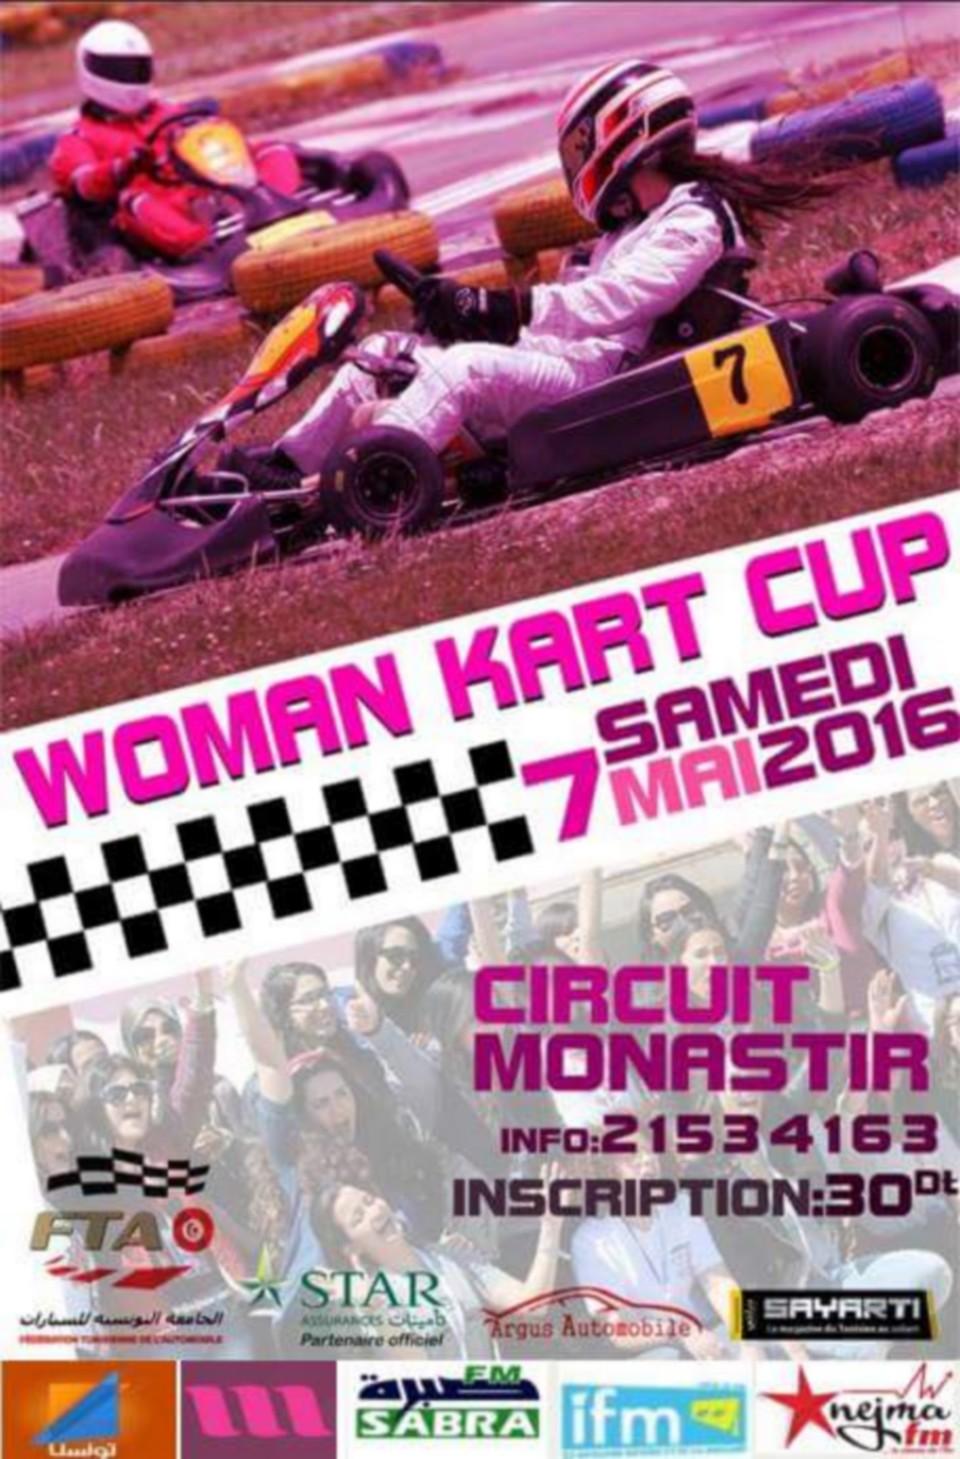 Manche 1 – Woman Kart Cup 2016 – 2ème Edition